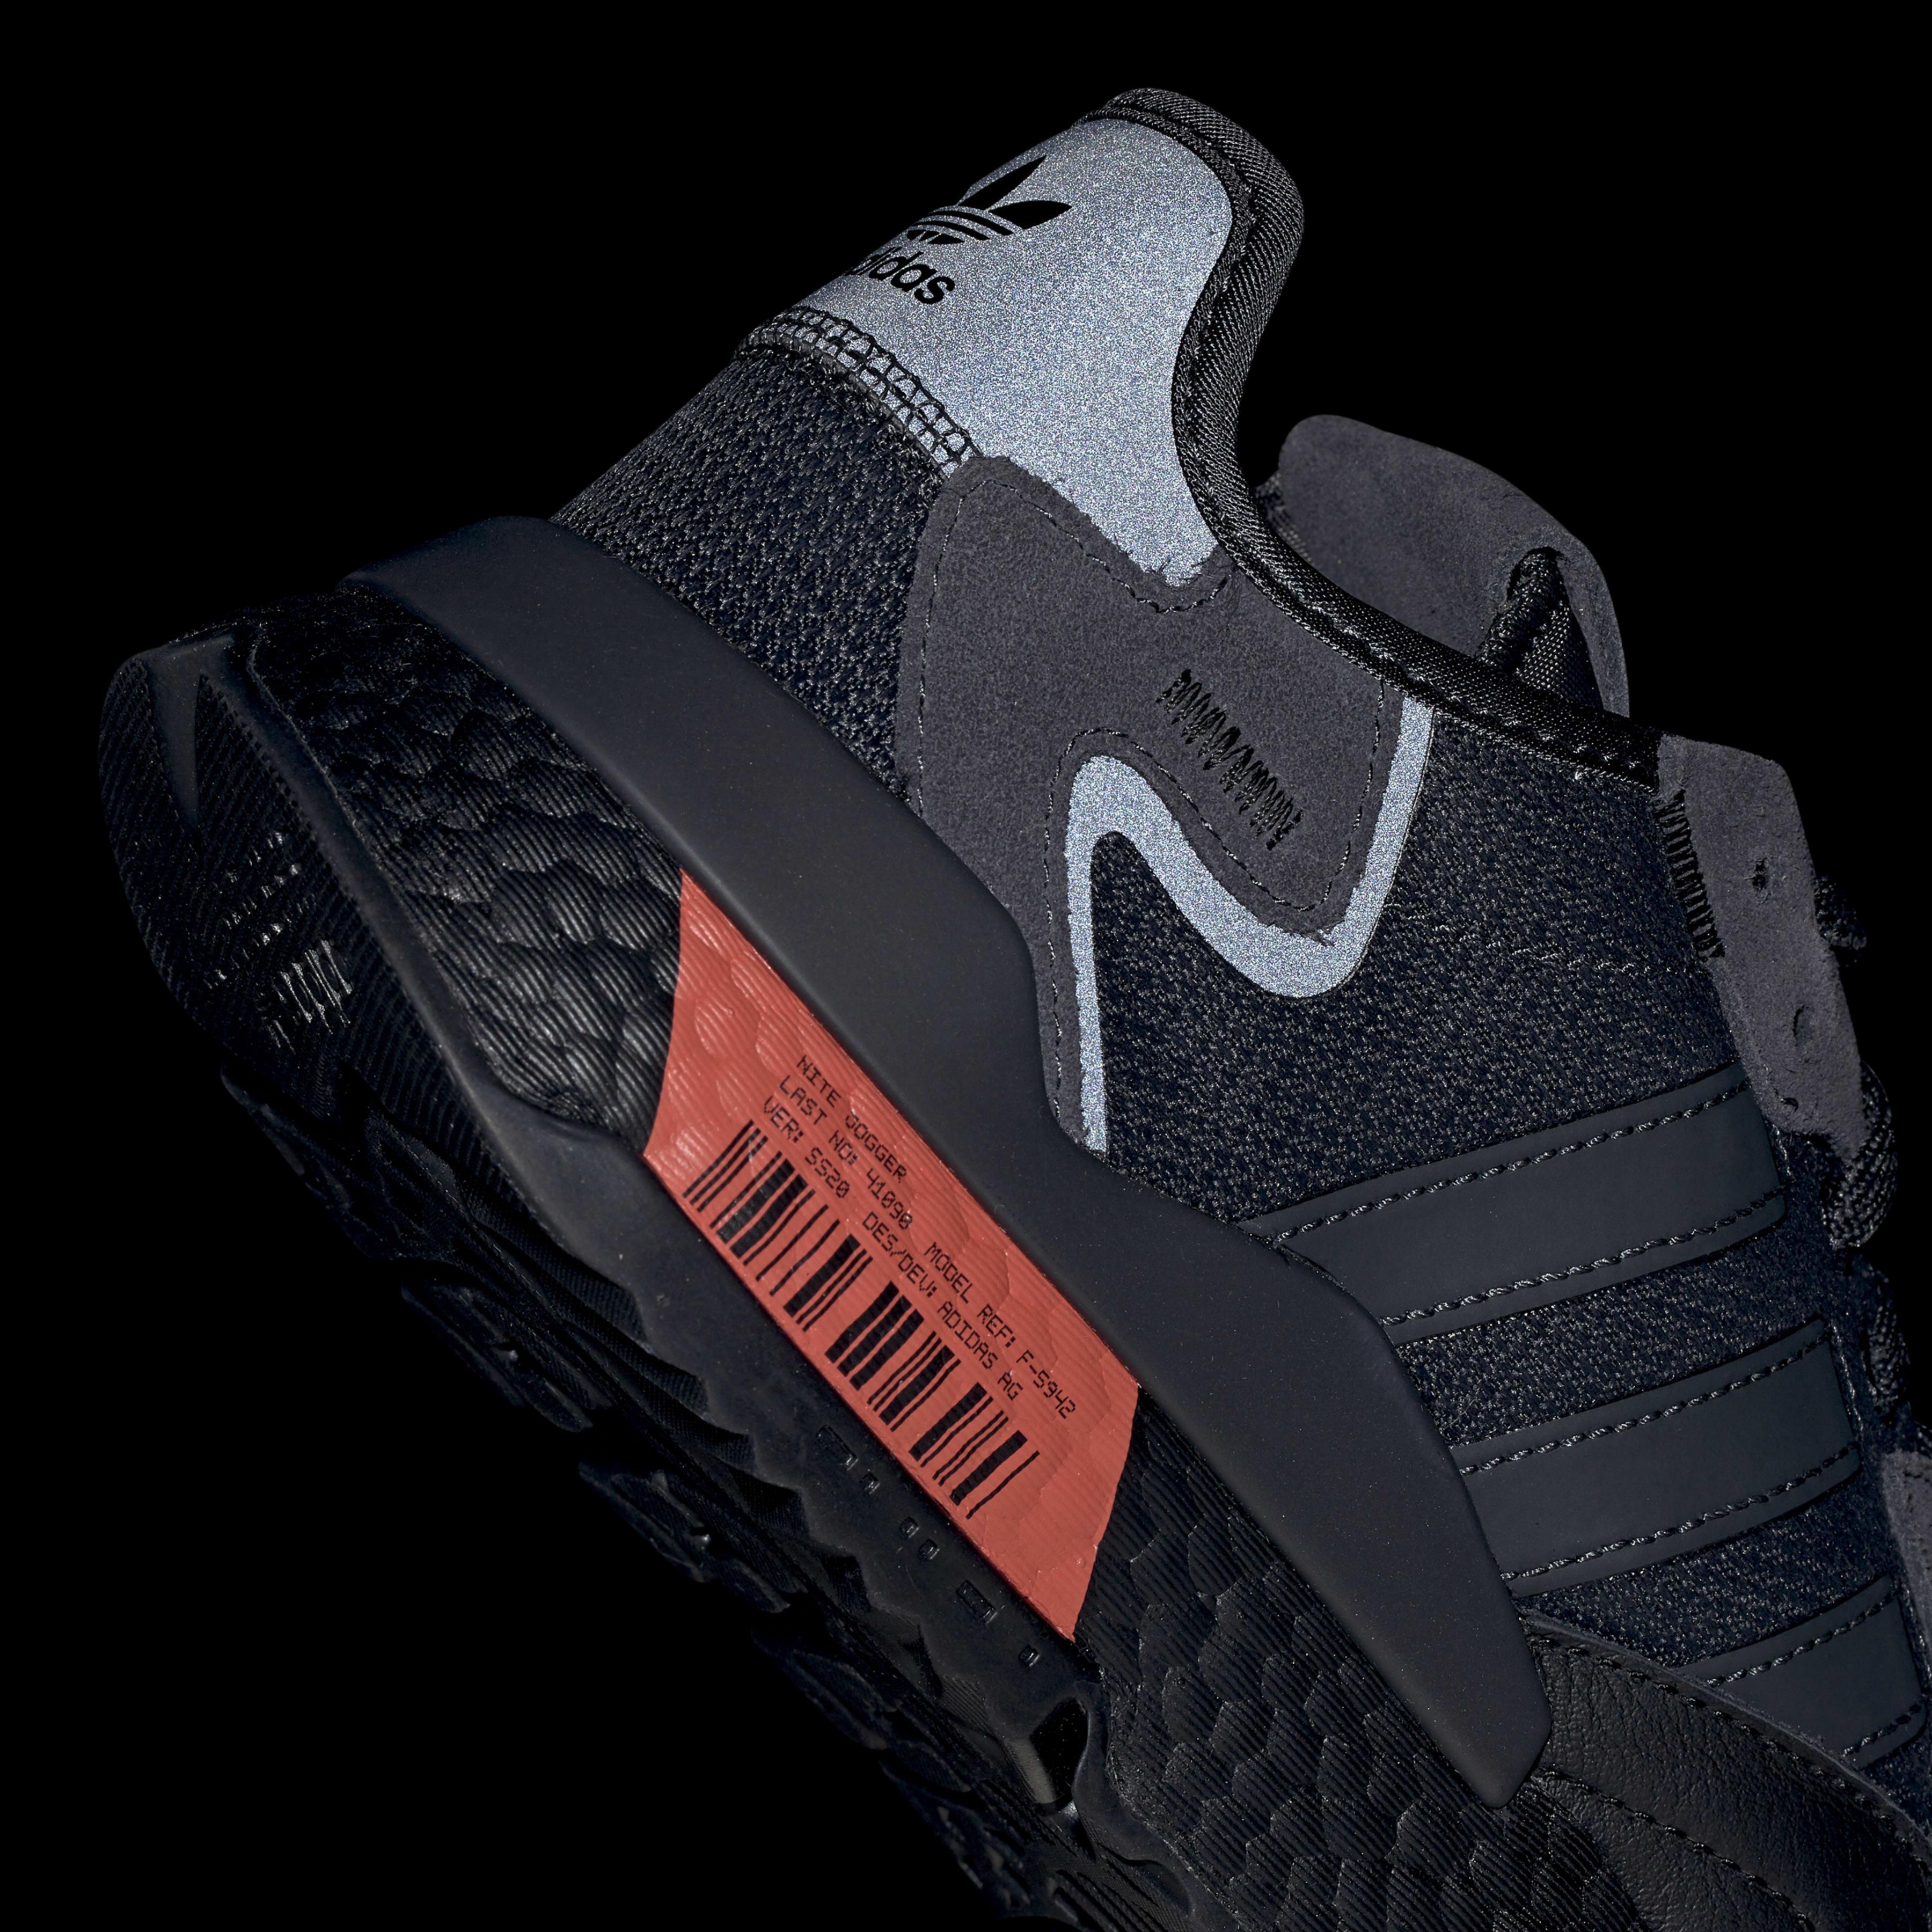 Chaussure Nite Jogger Synthétique adidas pour homme en coloris Noir